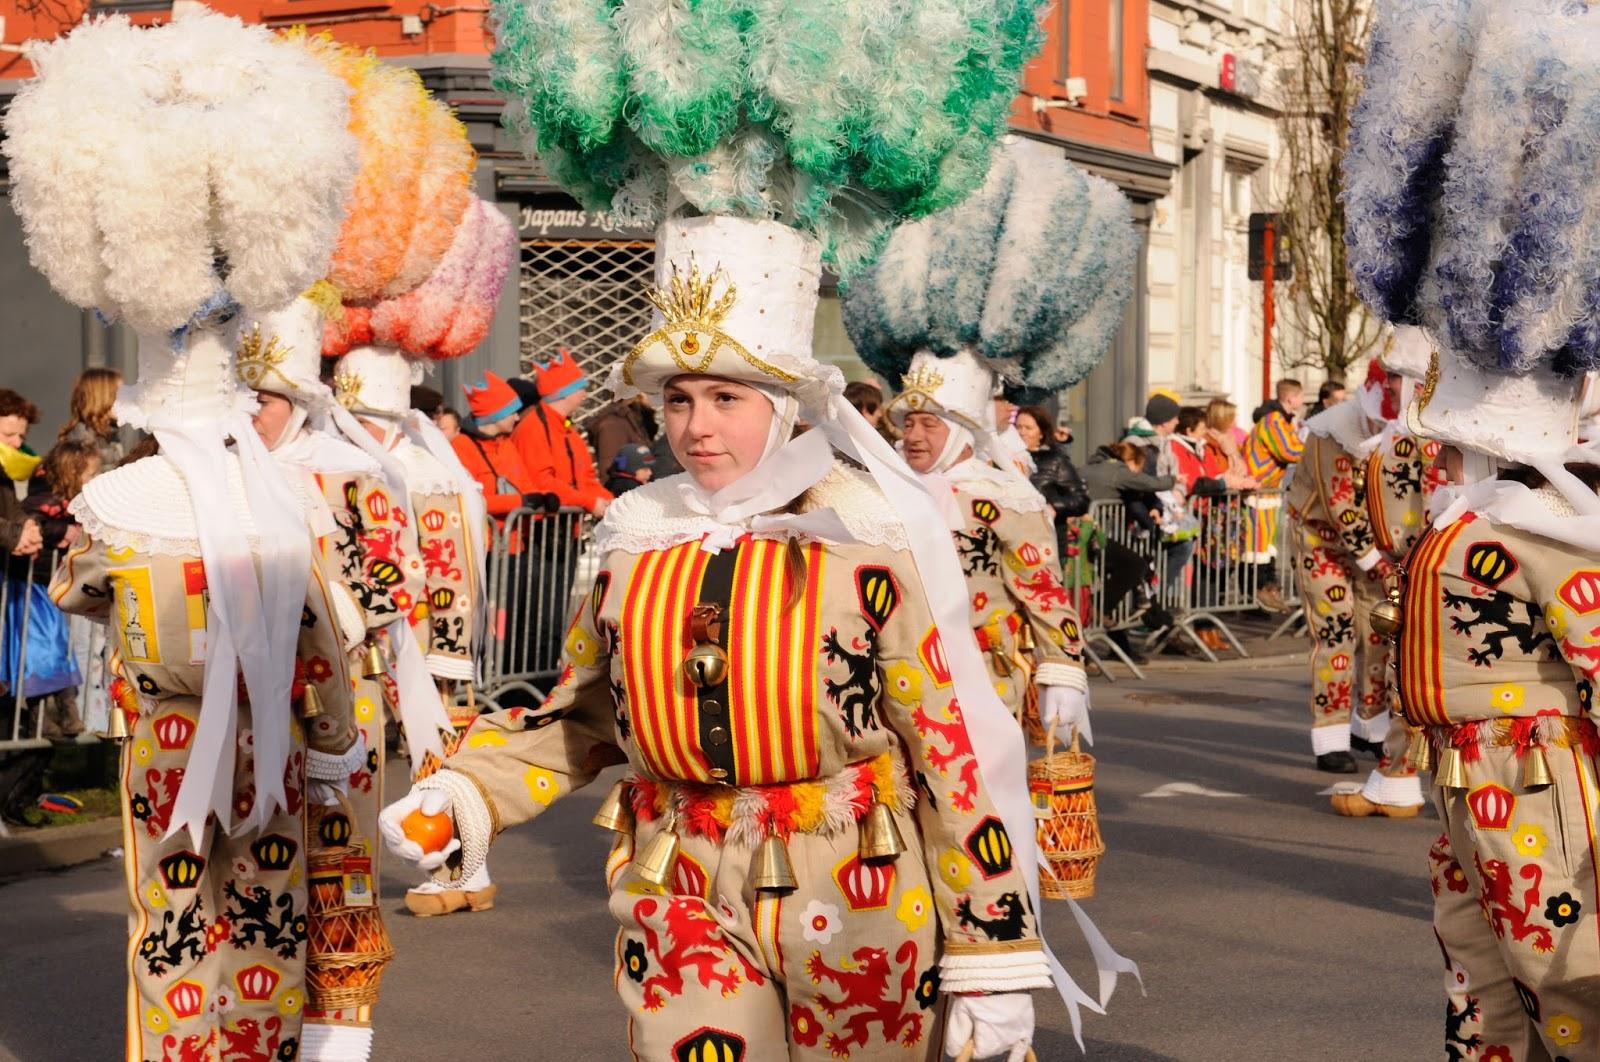 Bildresultat för aalst carnaval